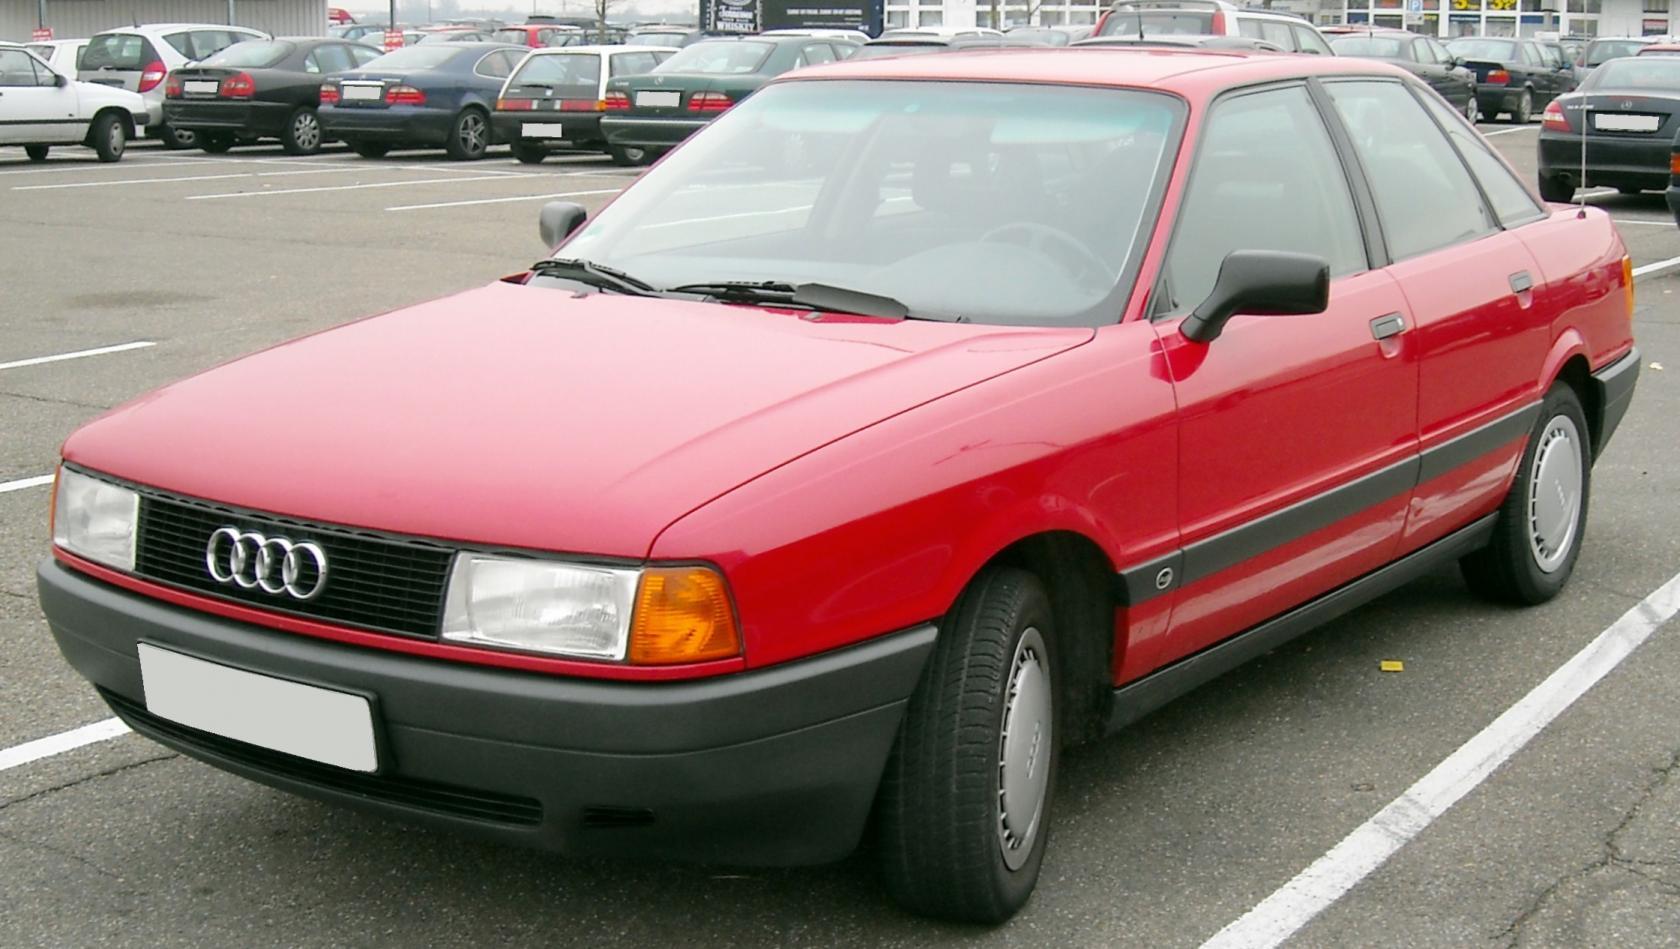 Audi-80-b3-7